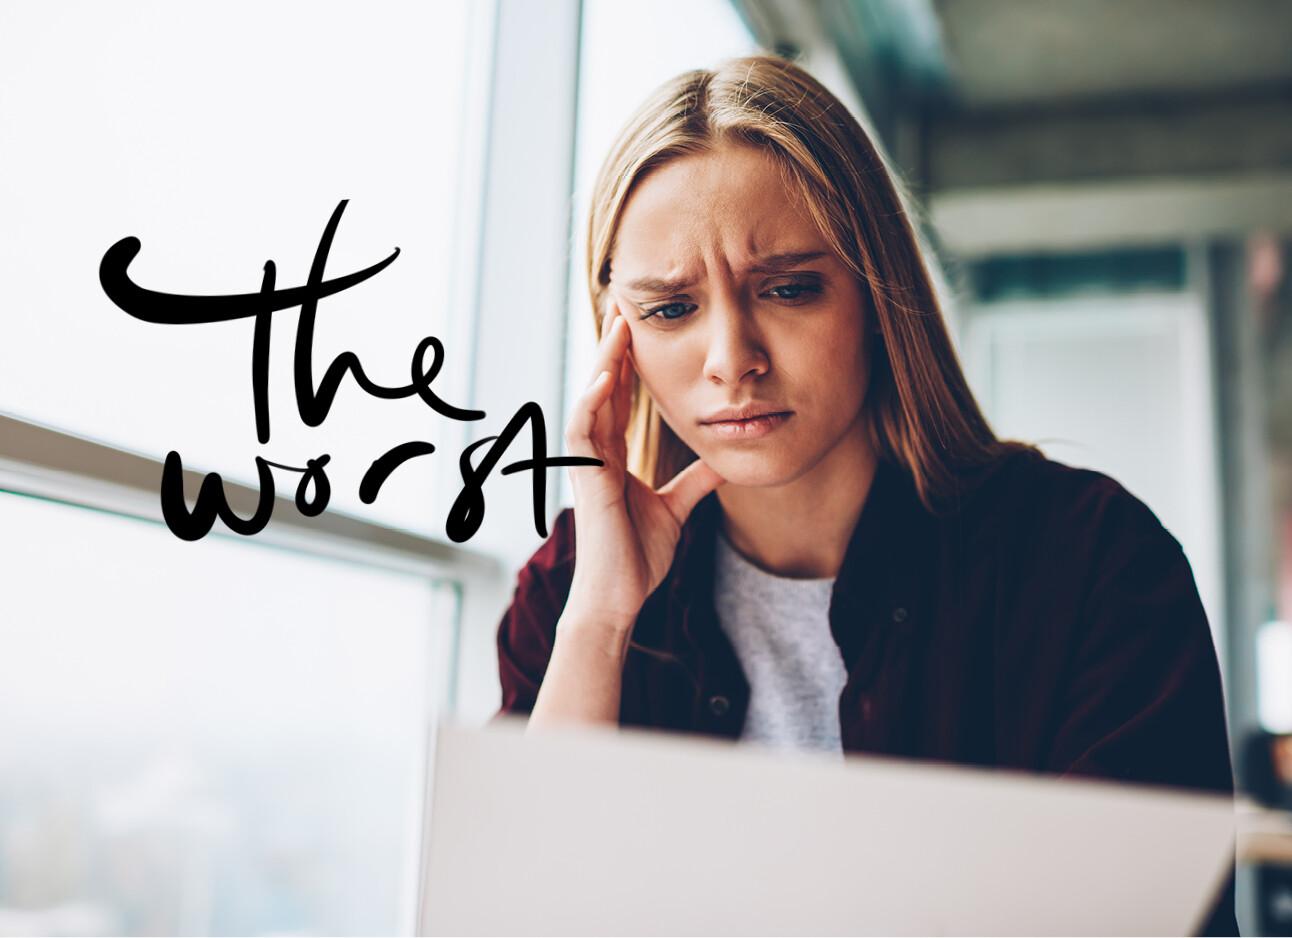 vrouw kijkt boos naar laptop